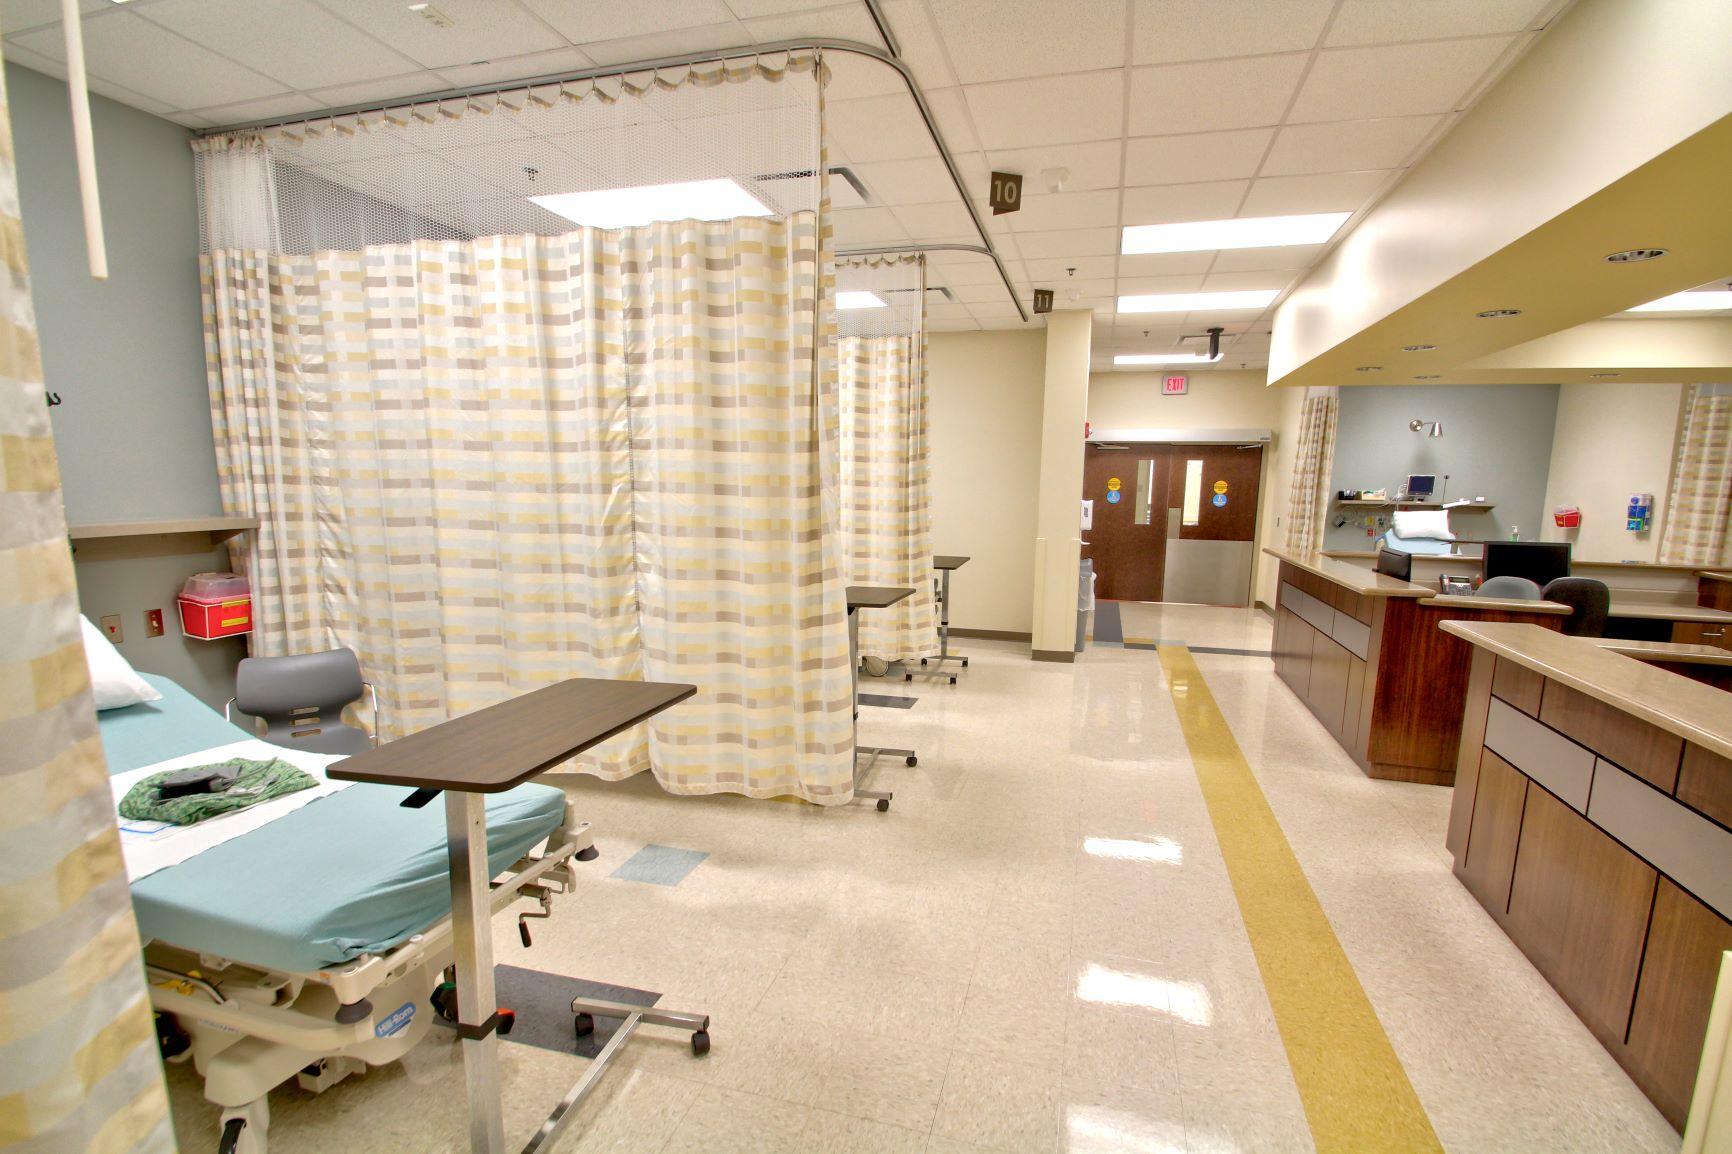 Orthopaedic Surgery Center of Ocala image 6